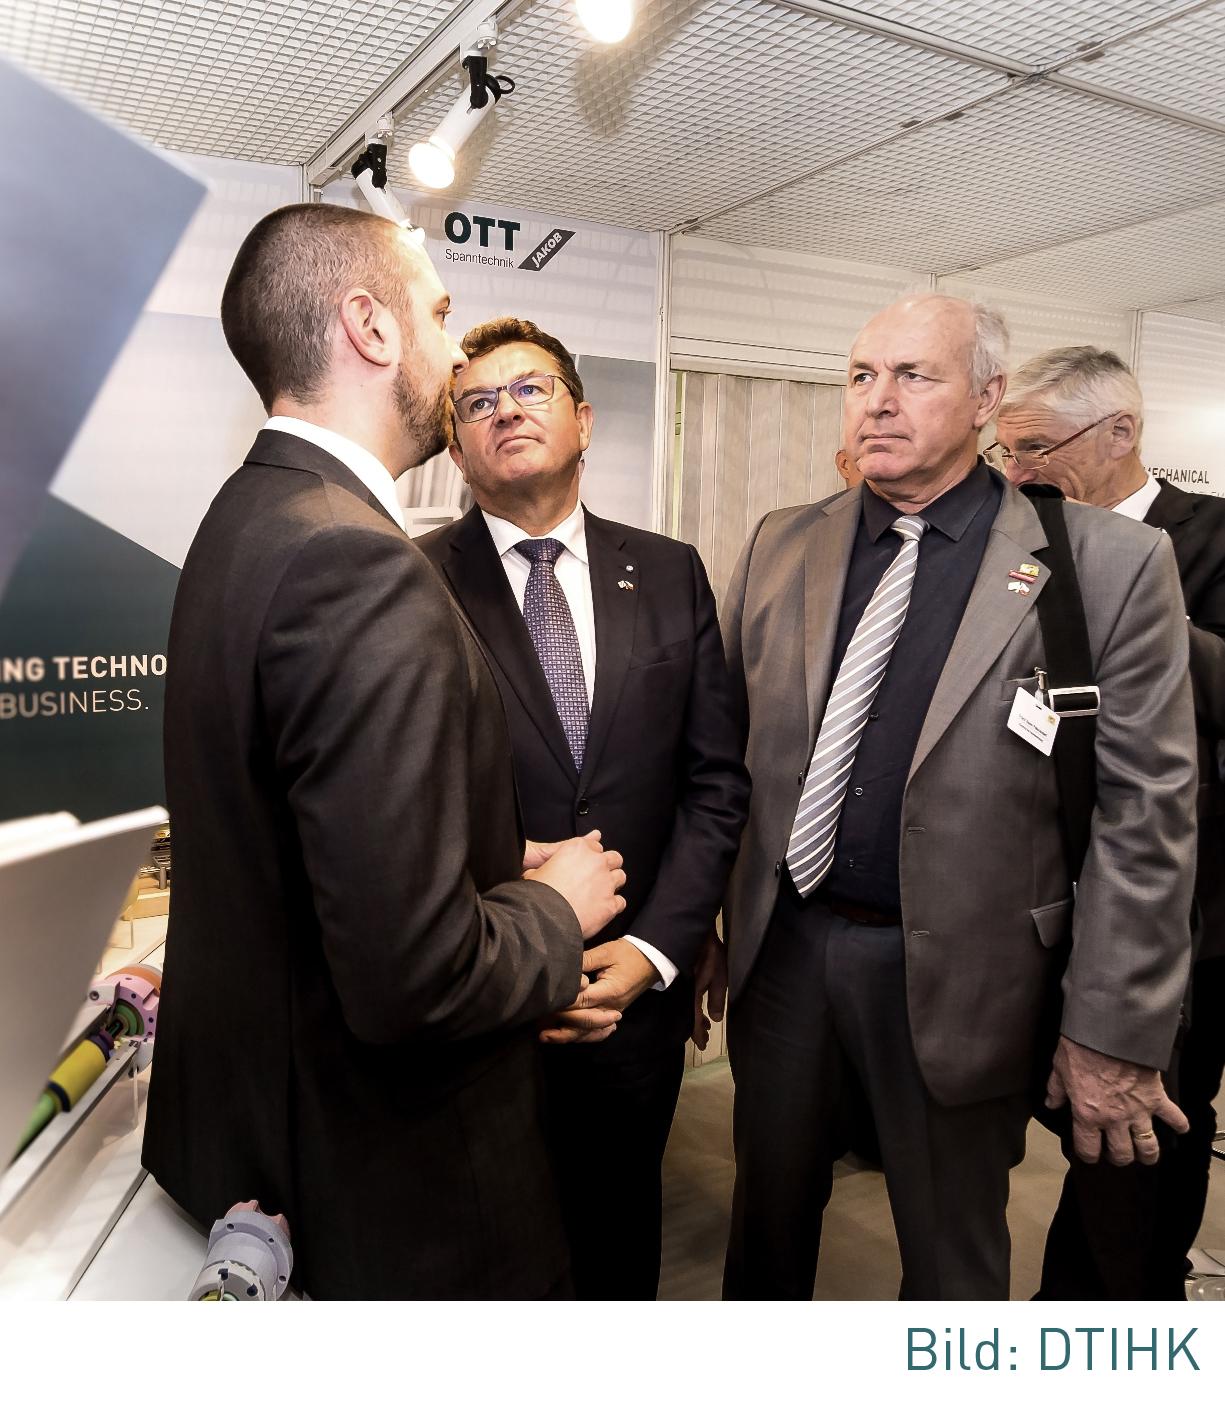 Ott Jakob - Unternehmen - Bild - Staatssekretär besucht Messestand von OTT-JAKOB